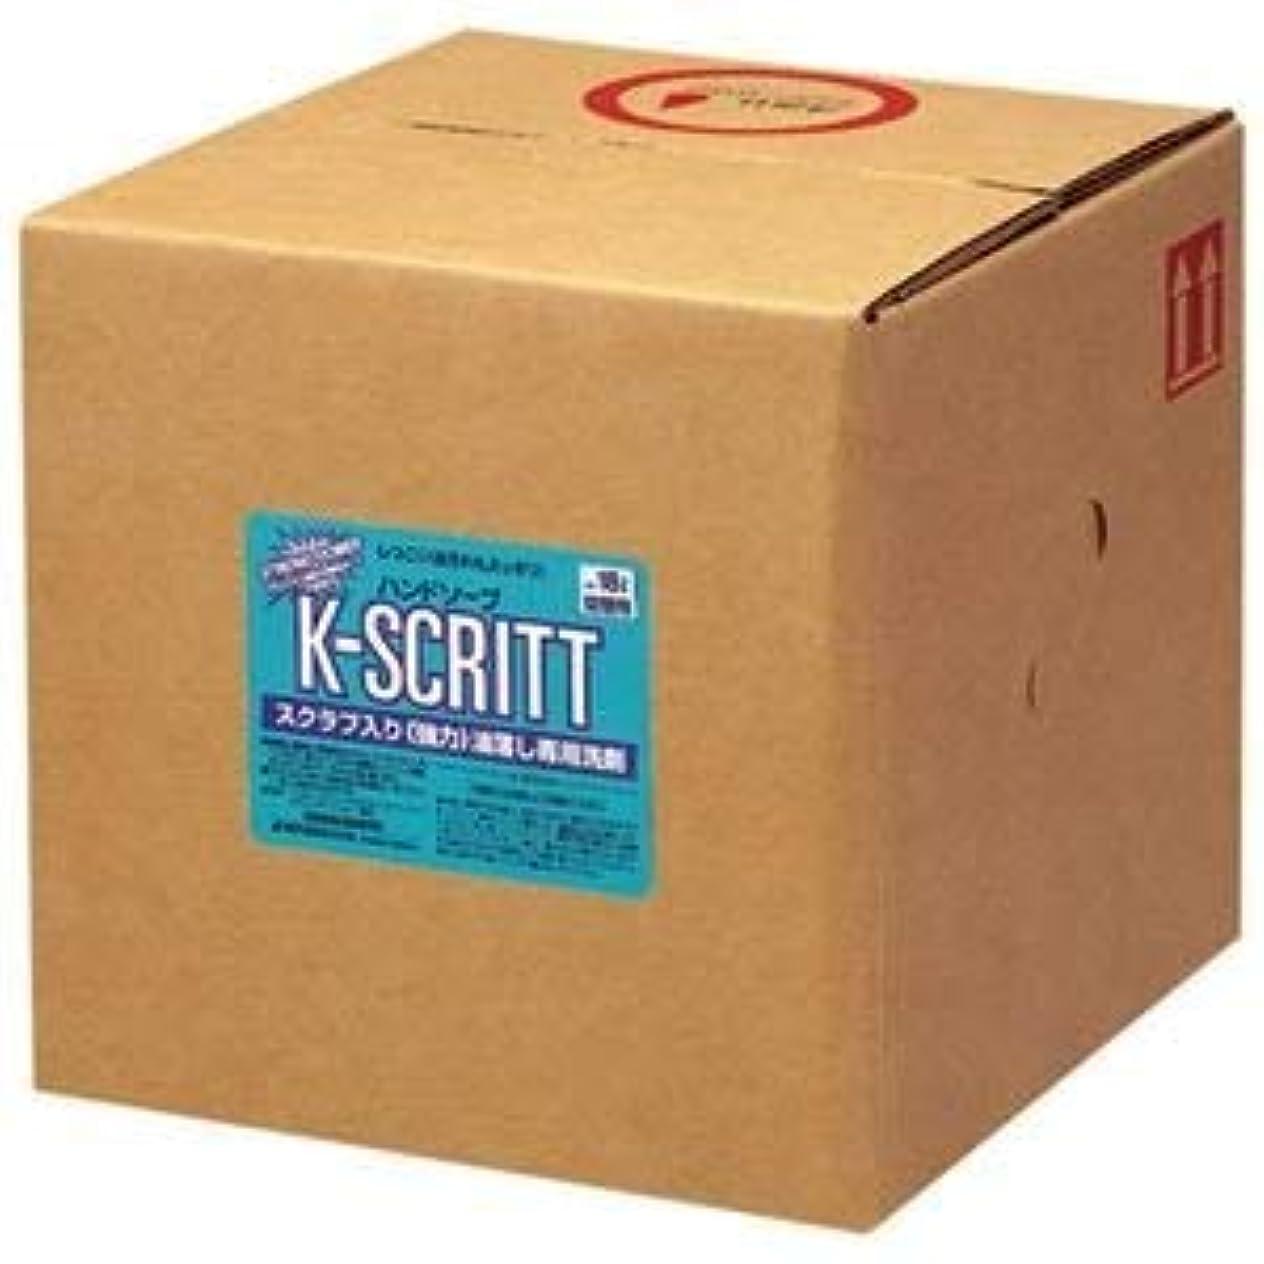 満州アンビエント幽霊業務用 液体石鹸 K-スクリット ハンドソープ詰替え 18L 熊野油脂 (コック付き)